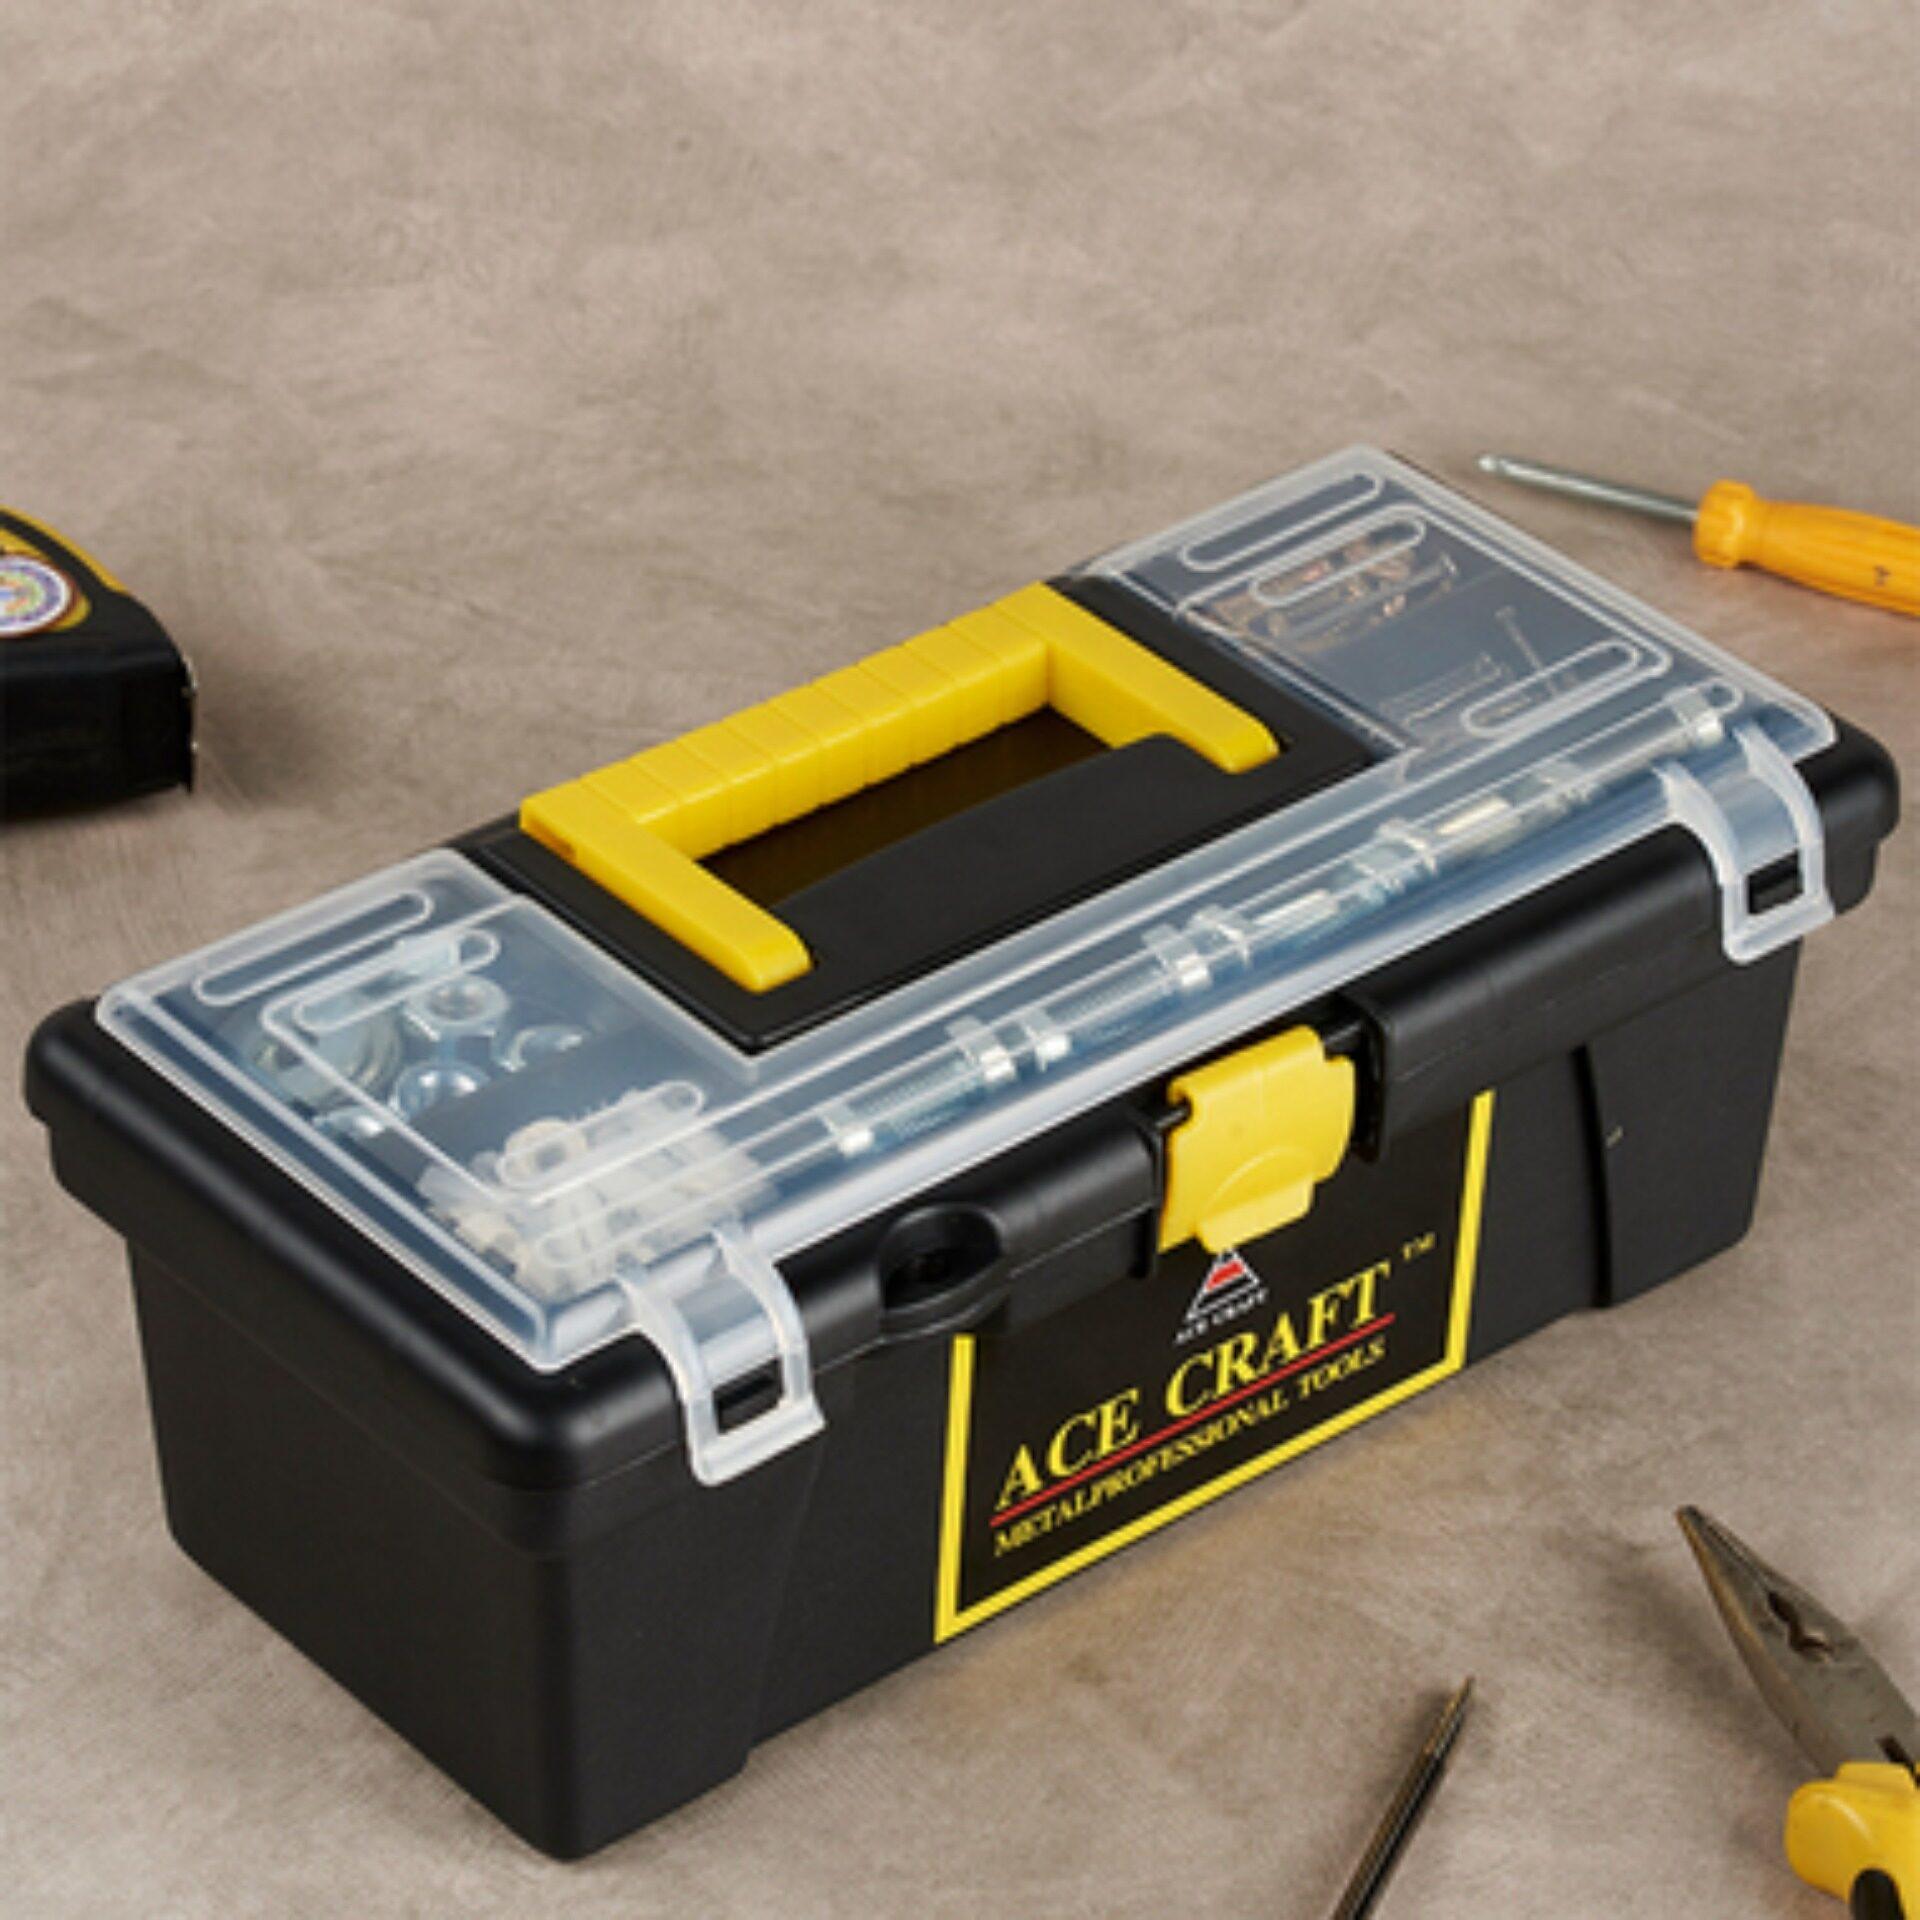 กล่องเก็บเครื่องมือช่าง จำนวน 1 ใบ  ขนาด12 นิ้ว.